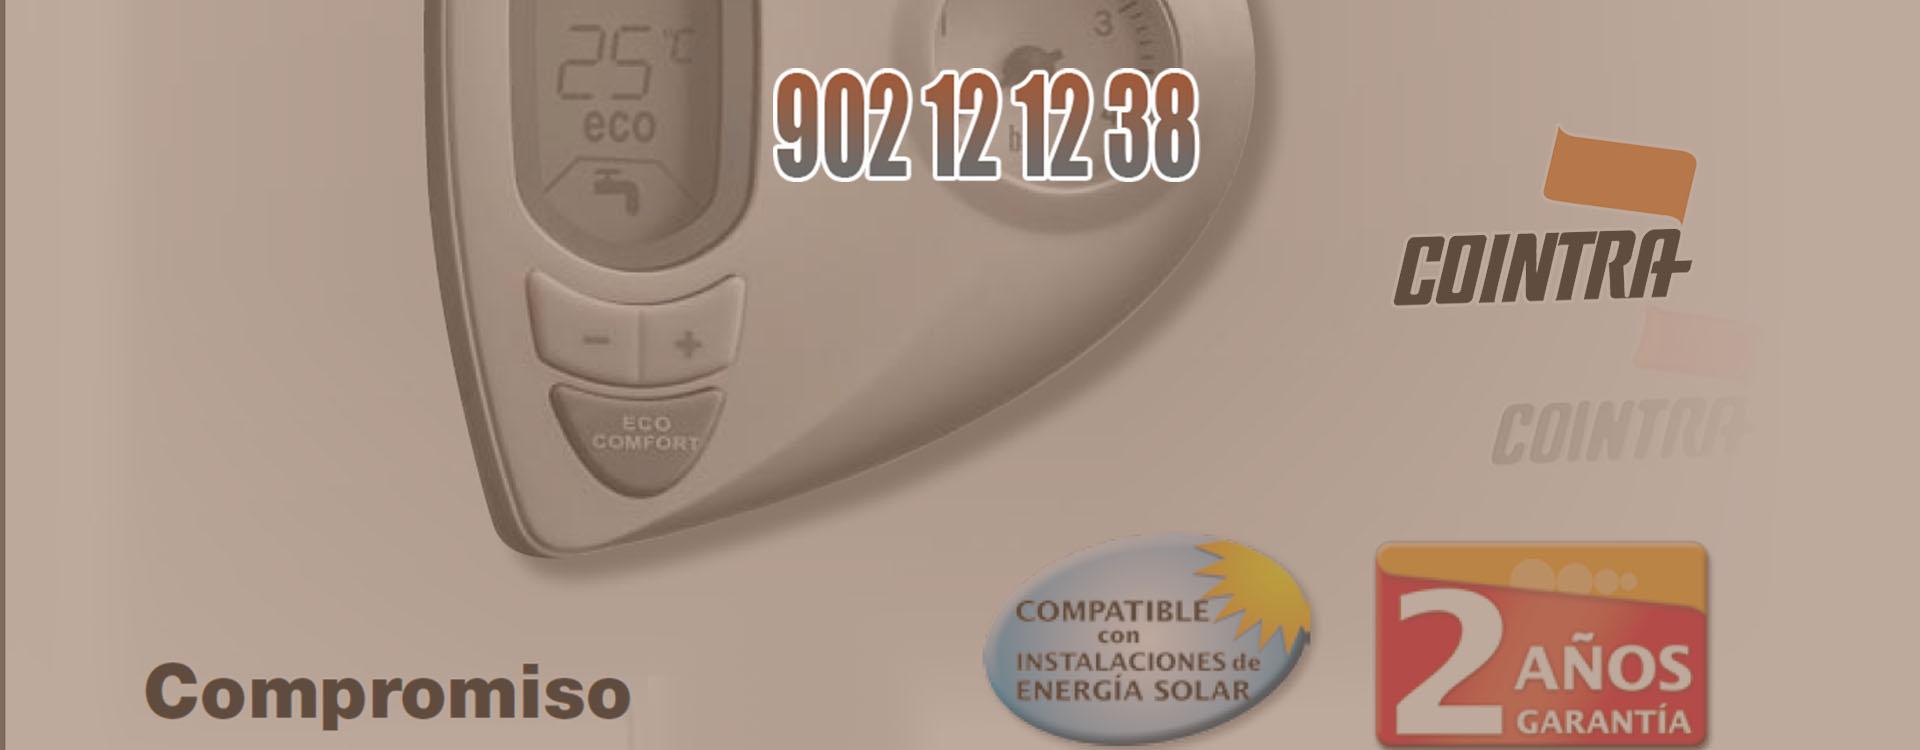 Servicio tecnico calderas cointra t 902121238 servicio for Tecnico calderas